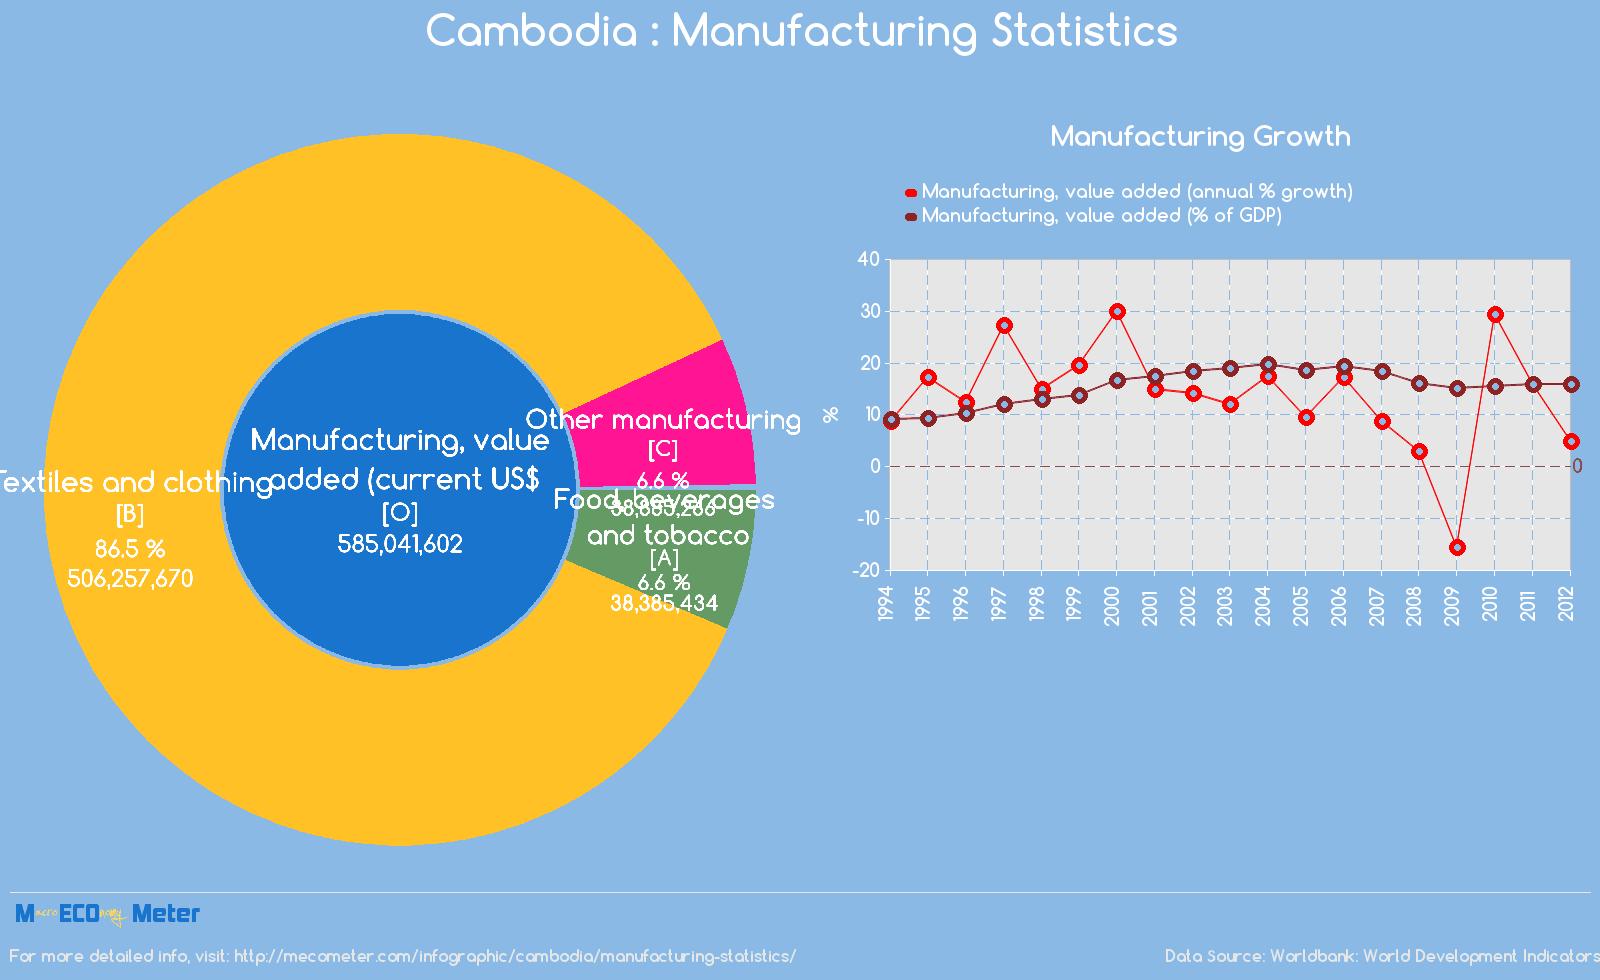 Cambodia : Manufacturing Statistics